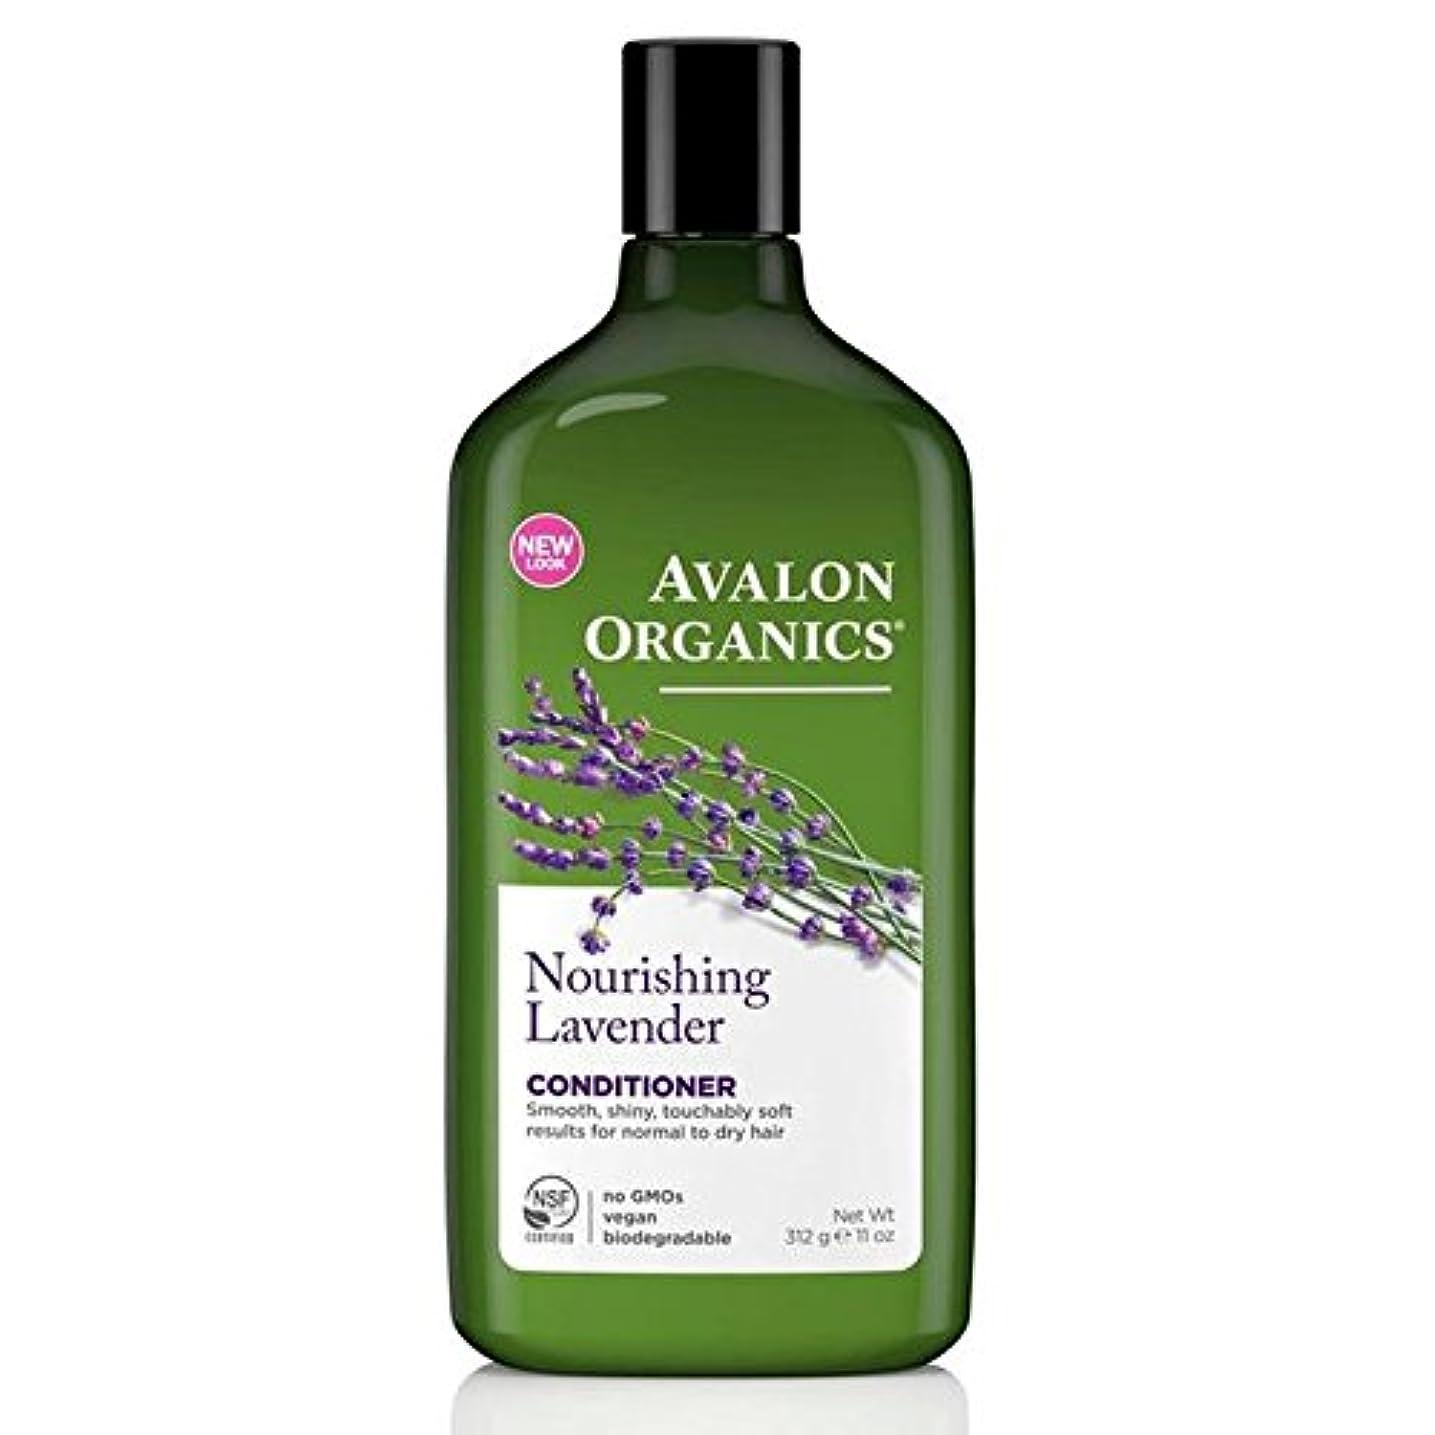 明るくするスノーケル女の子Avalon Organics Lavender Nourishing Conditioner 325ml - (Avalon) ラベンダー栄養コンディショナー325ミリリットル [並行輸入品]